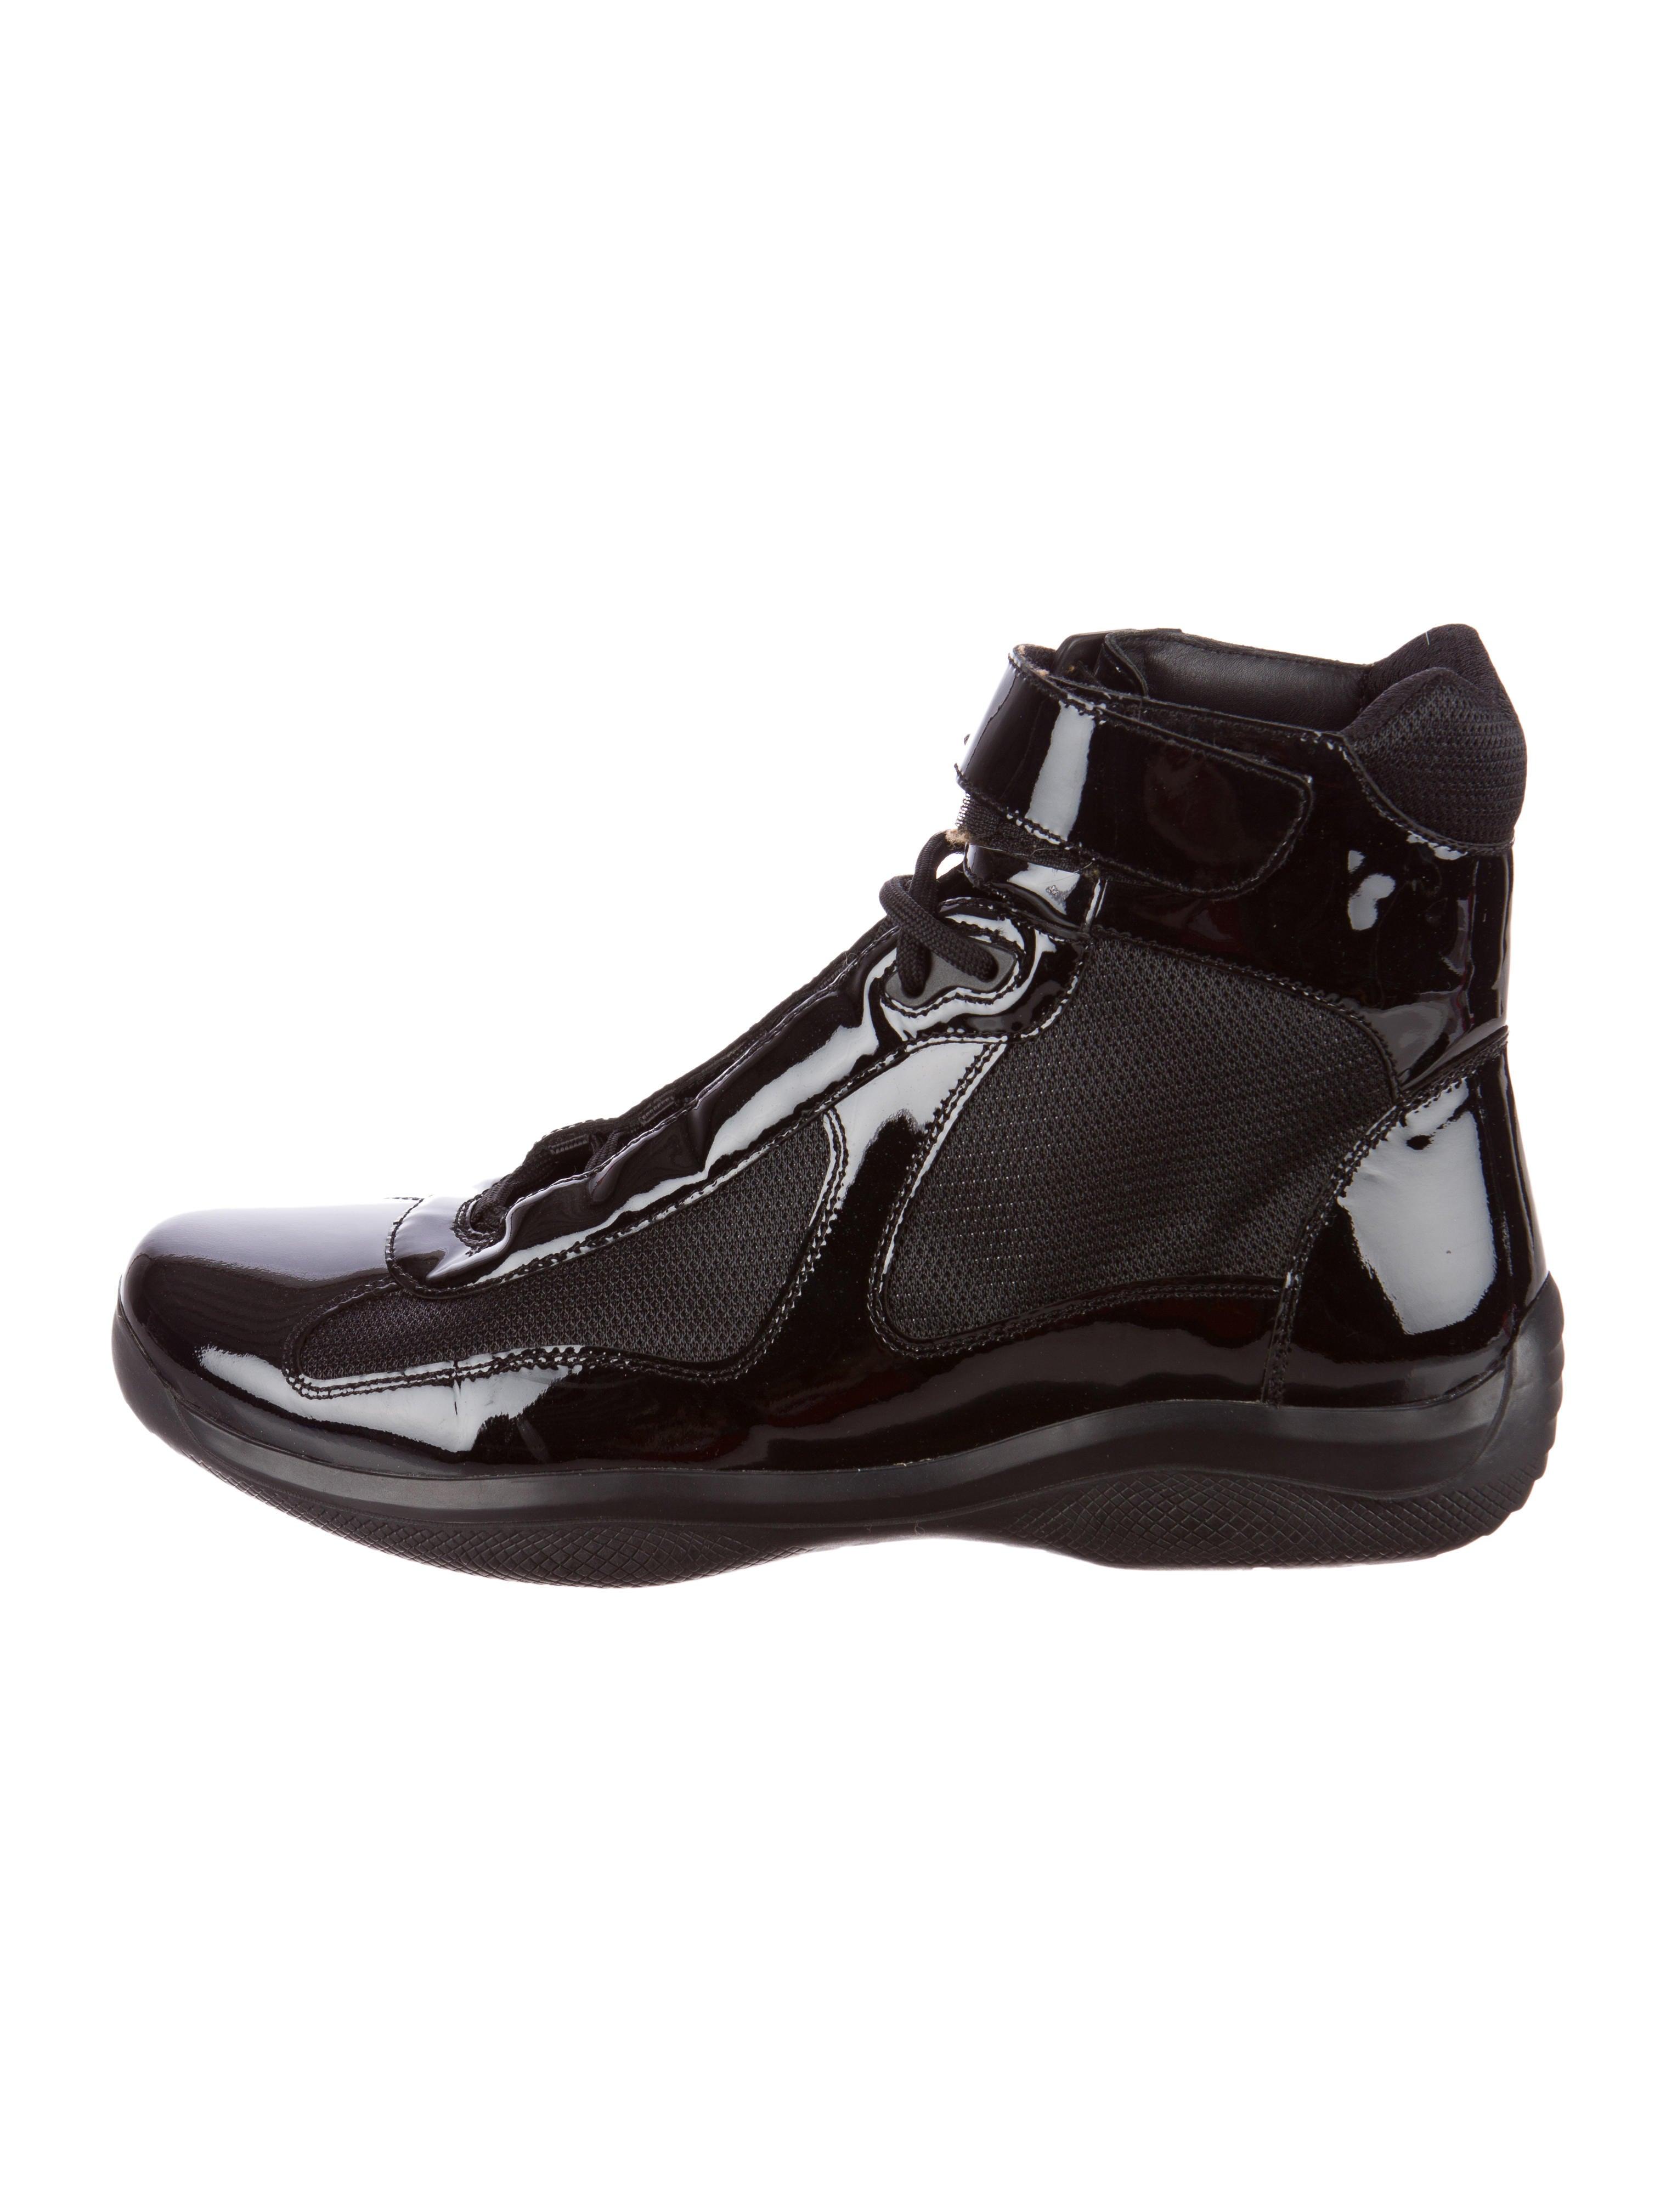 High Top Prada Shoes For Men